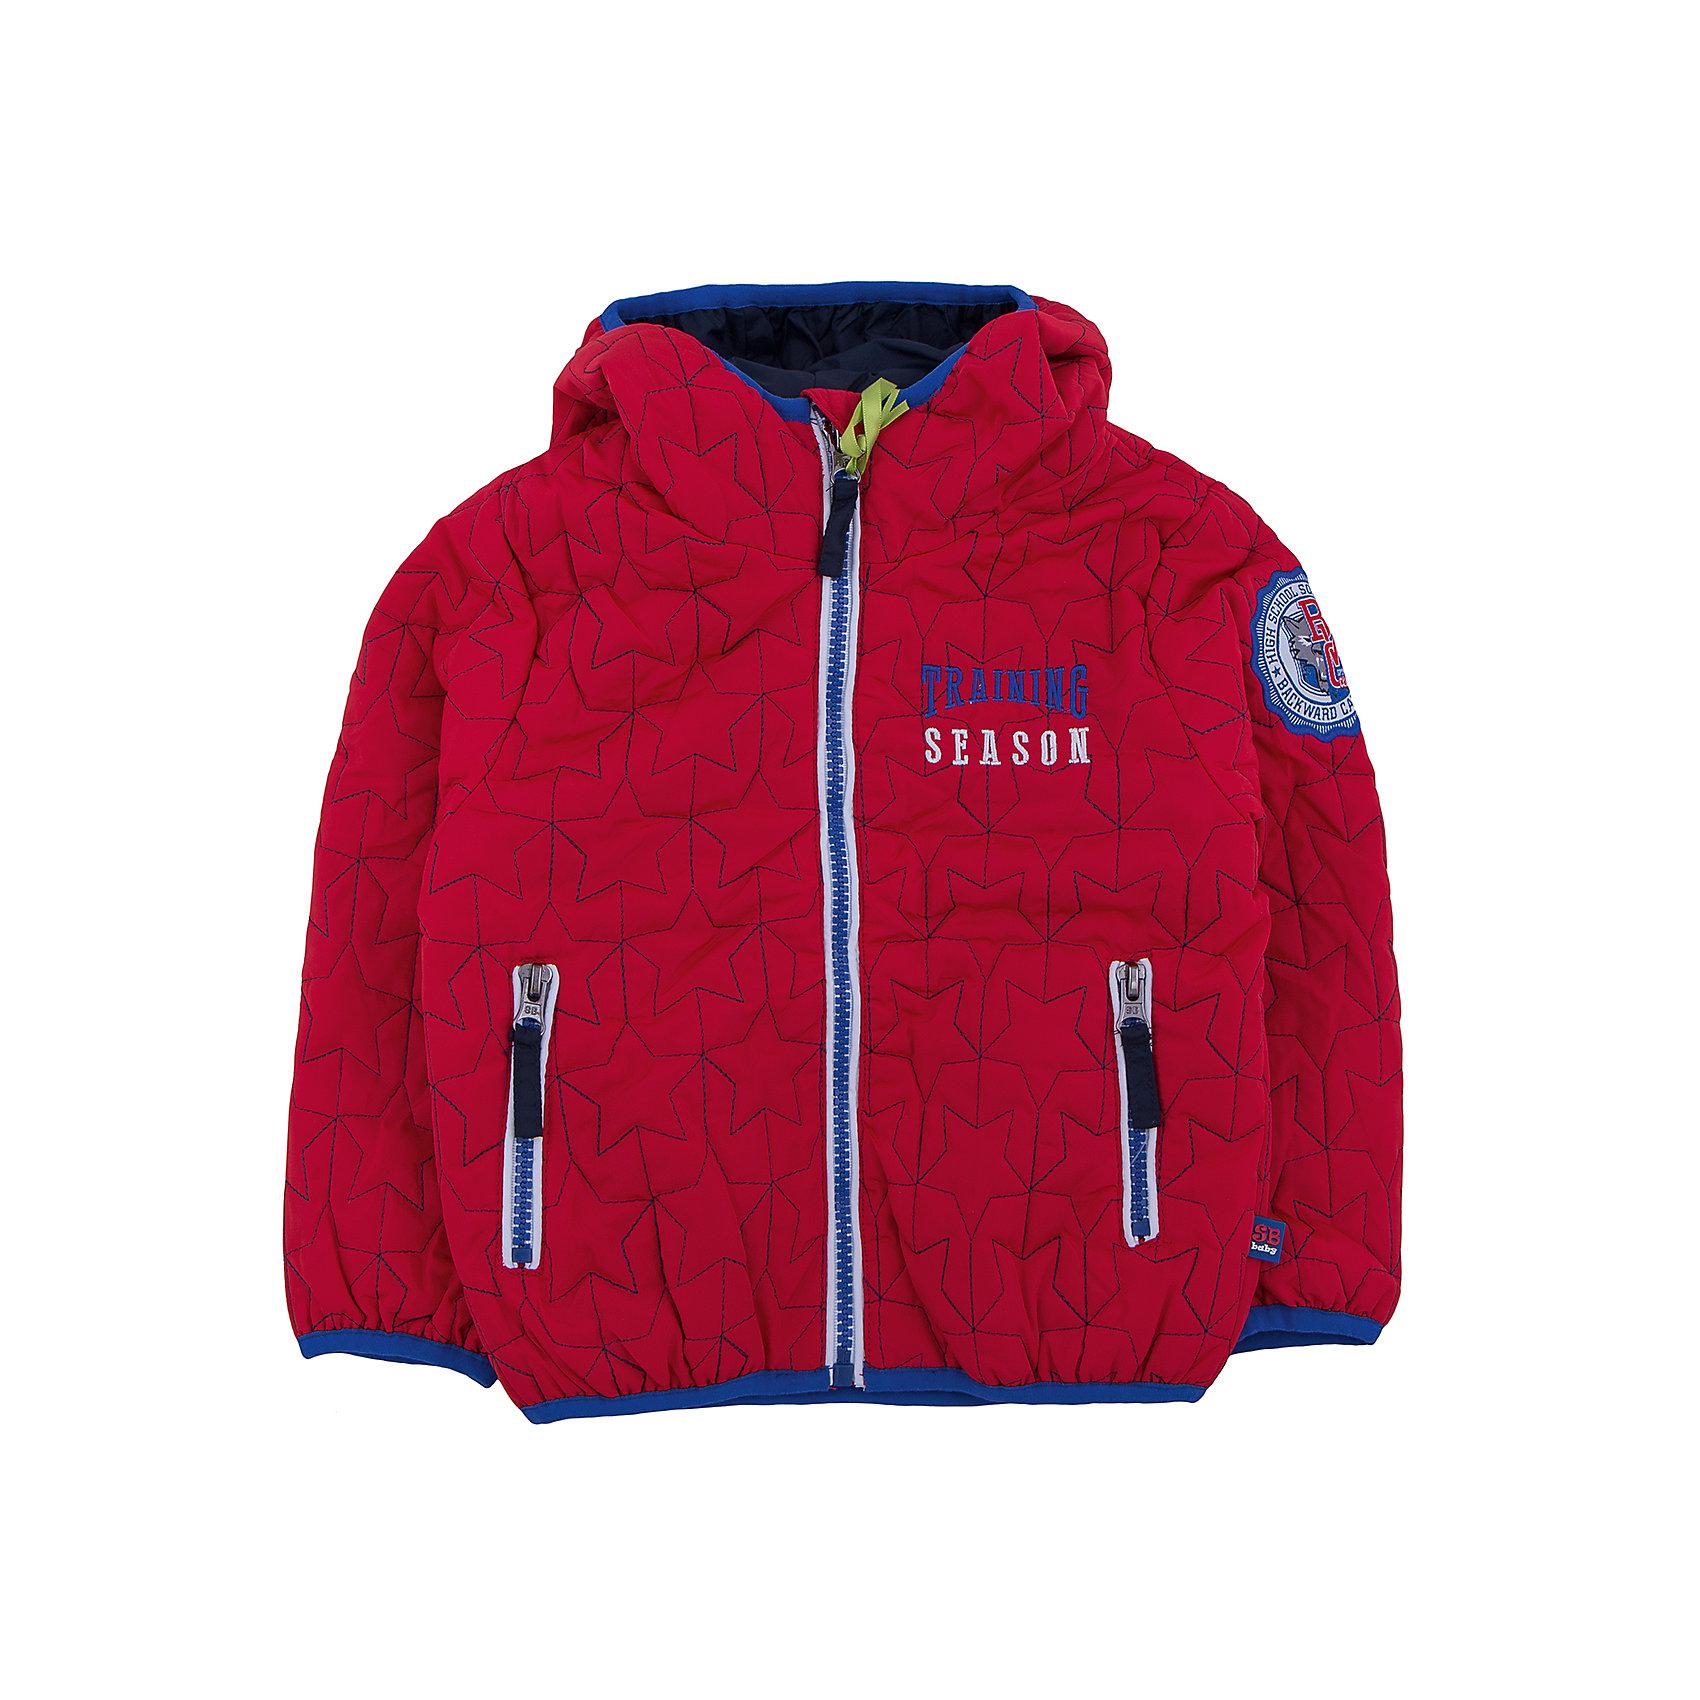 Куртка для мальчика Sweet BerryВерхняя одежда<br>Куртка красная для мальчика.<br><br>Температурный режим: до -5 градусов. Степень утепления – низкая. <br><br>* Температурный режим указан приблизительно — необходимо, прежде всего, ориентироваться на ощущения ребенка. Температурный режим работает в случае соблюдения правила многослойности – использования флисовой поддевы и термобелья.<br><br>Такая модель куртки для мальчика отличается модным дизайном. Удачный крой обеспечит ребенку комфорт и тепло. Флисовая подкладка делает вещь идеальной для прохладной погоды. Она плотно прилегает к телу там, где нужно, и отлично сидит по фигуре. Декорирована модель вышивкой на груди и модной нашивкой.<br>Одежда от бренда Sweet Berry - это простой и выгодный способ одеть ребенка удобно и стильно. Всё изделия тщательно проработаны: швы - прочные, материал - качественный, фурнитура - подобранная специально для детей. <br><br>Дополнительная информация:<br><br>цвет: красный;<br>капюшон;<br>материал: верх, подкладка, наполнитель - 100% полиэстер;<br>застежка: молния;<br>карманы на молнии.<br><br>Куртку для мальчика от бренда Sweet Berry можно купить в нашем интернет-магазине.<br><br>Ширина мм: 356<br>Глубина мм: 10<br>Высота мм: 245<br>Вес г: 519<br>Цвет: красный<br>Возраст от месяцев: 12<br>Возраст до месяцев: 15<br>Пол: Мужской<br>Возраст: Детский<br>Размер: 80,98,92,86<br>SKU: 4929922